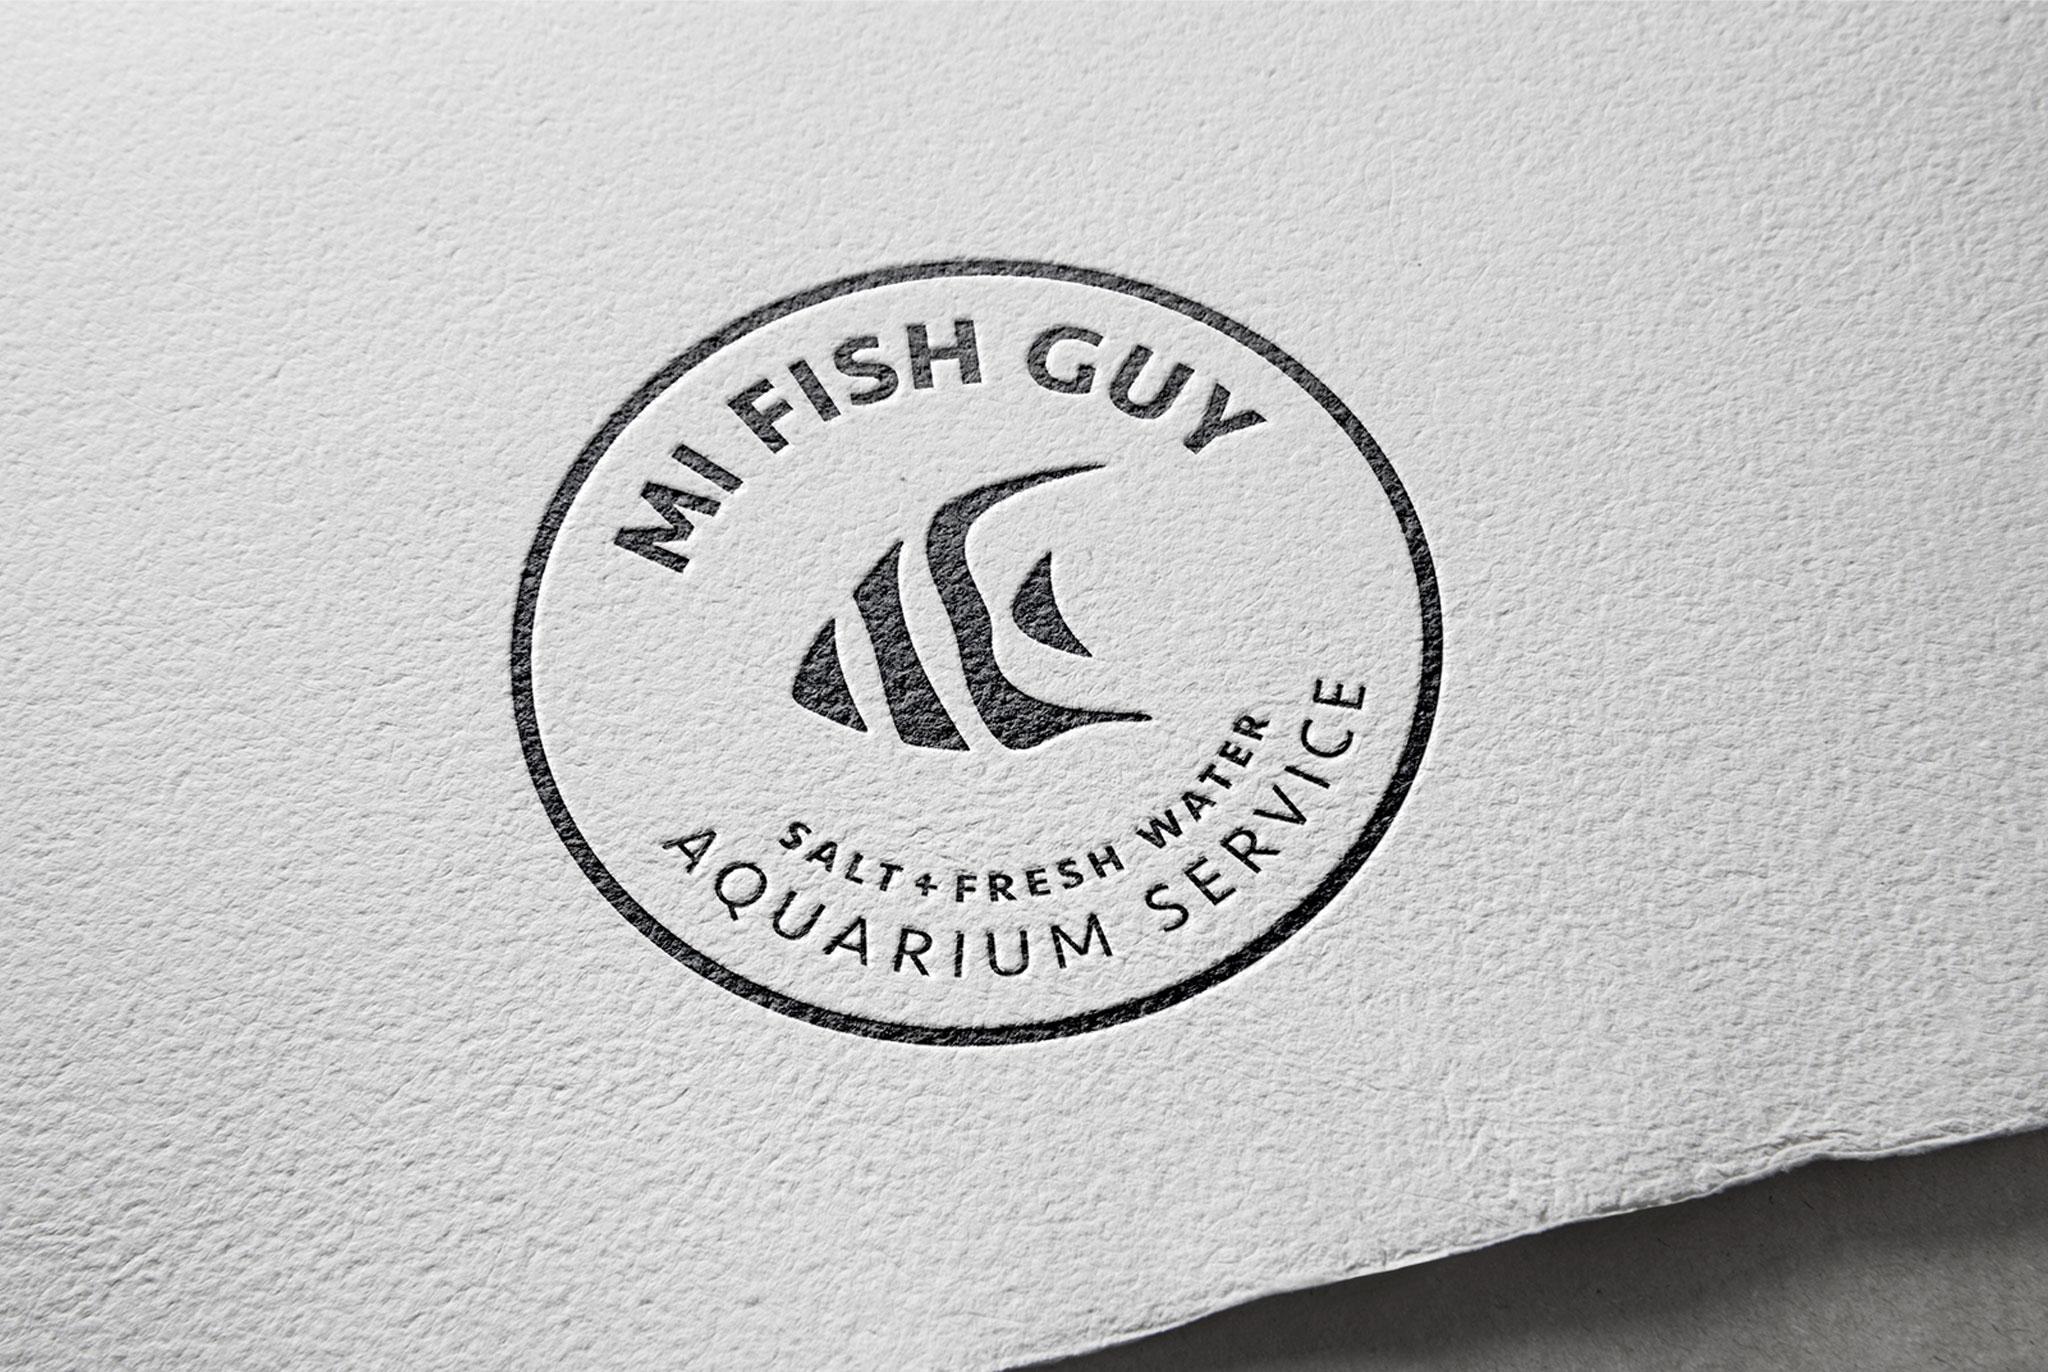 MI Fish Guy logo, logo design, branded logo, branding, embossed logo